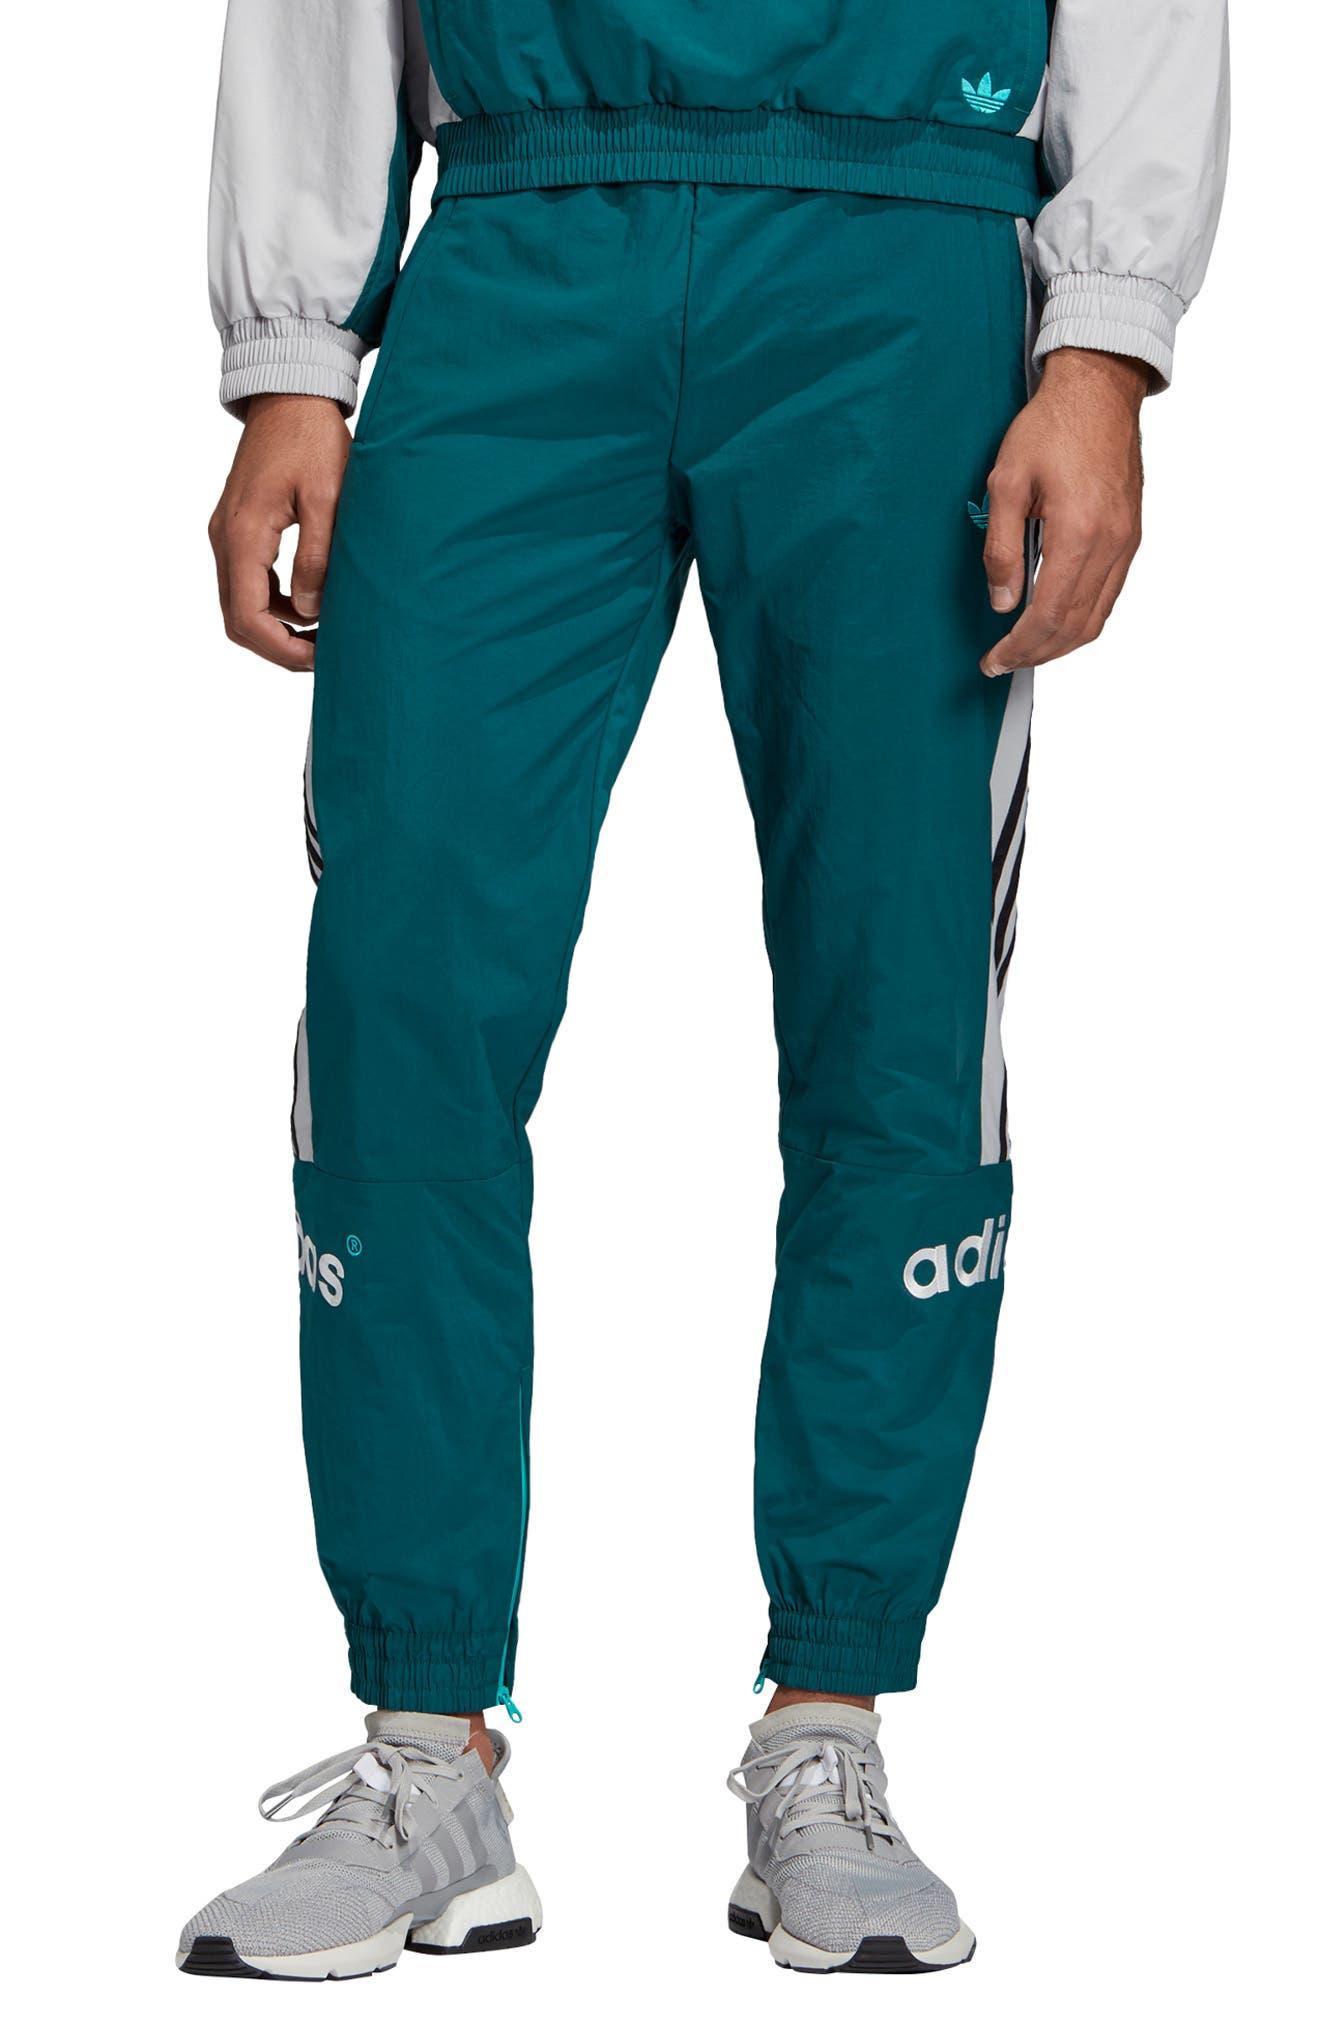 Adidas Originals Arc Woven Track Pants